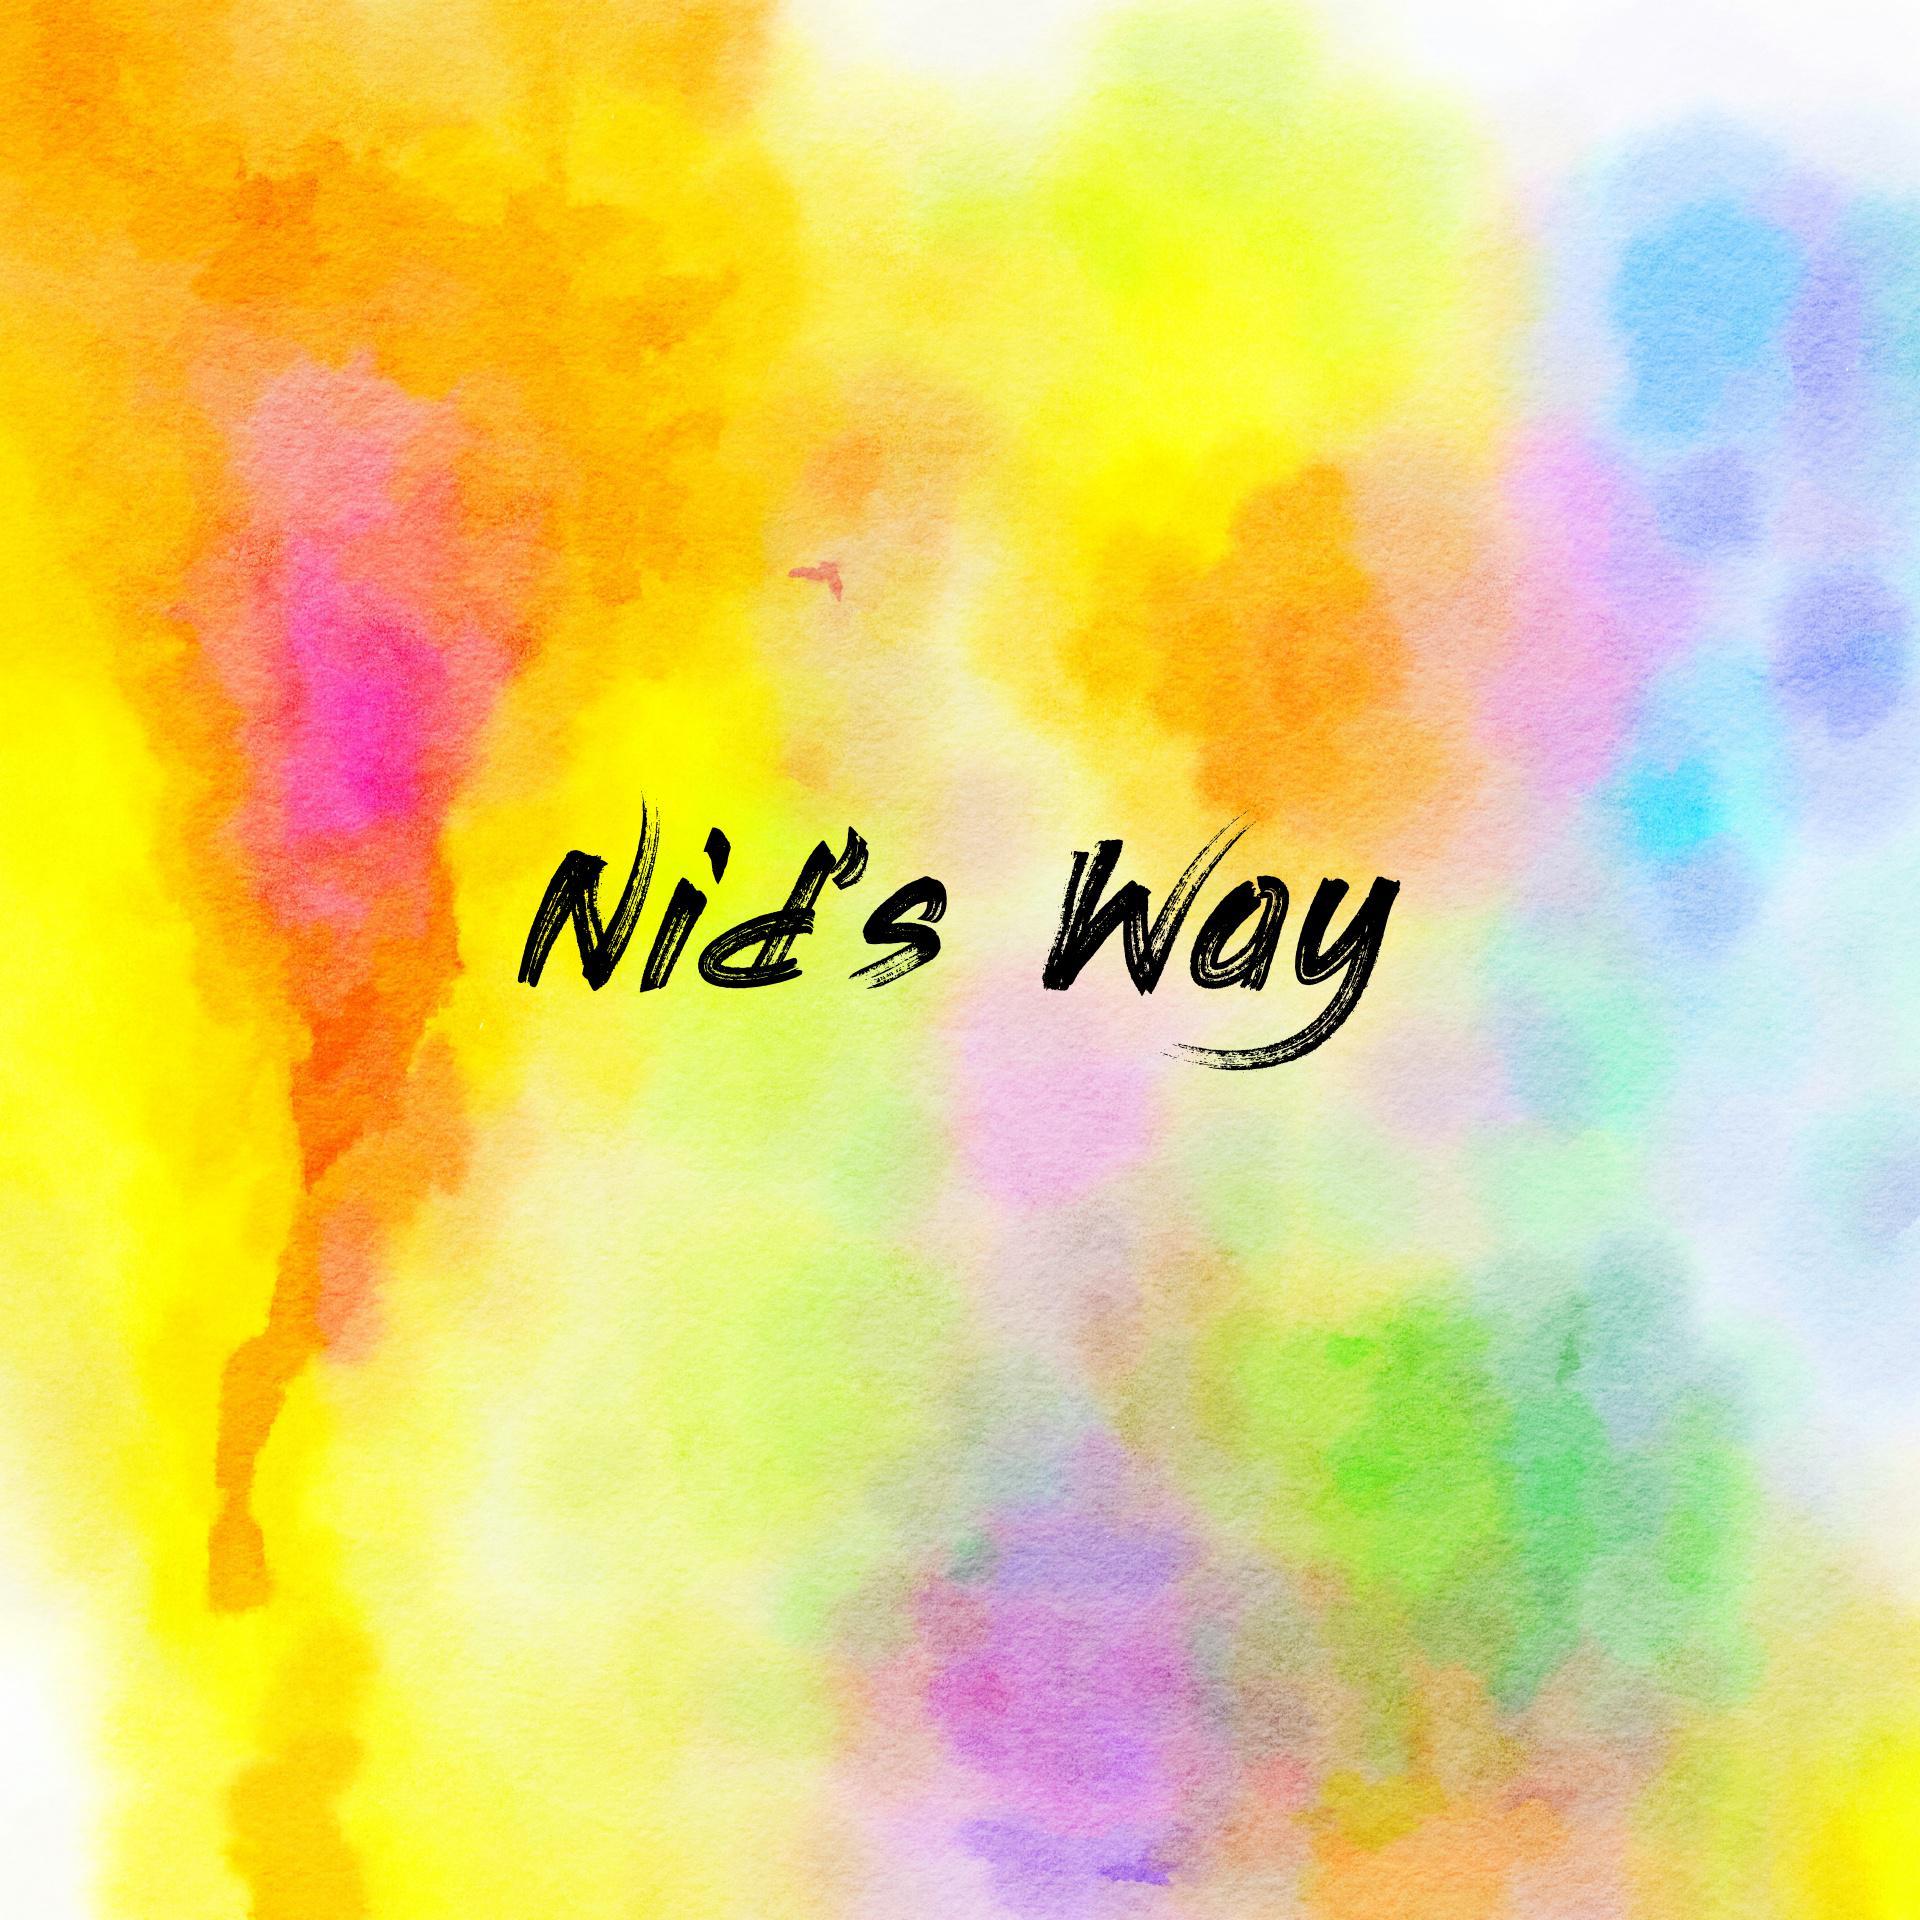 Nid's Way